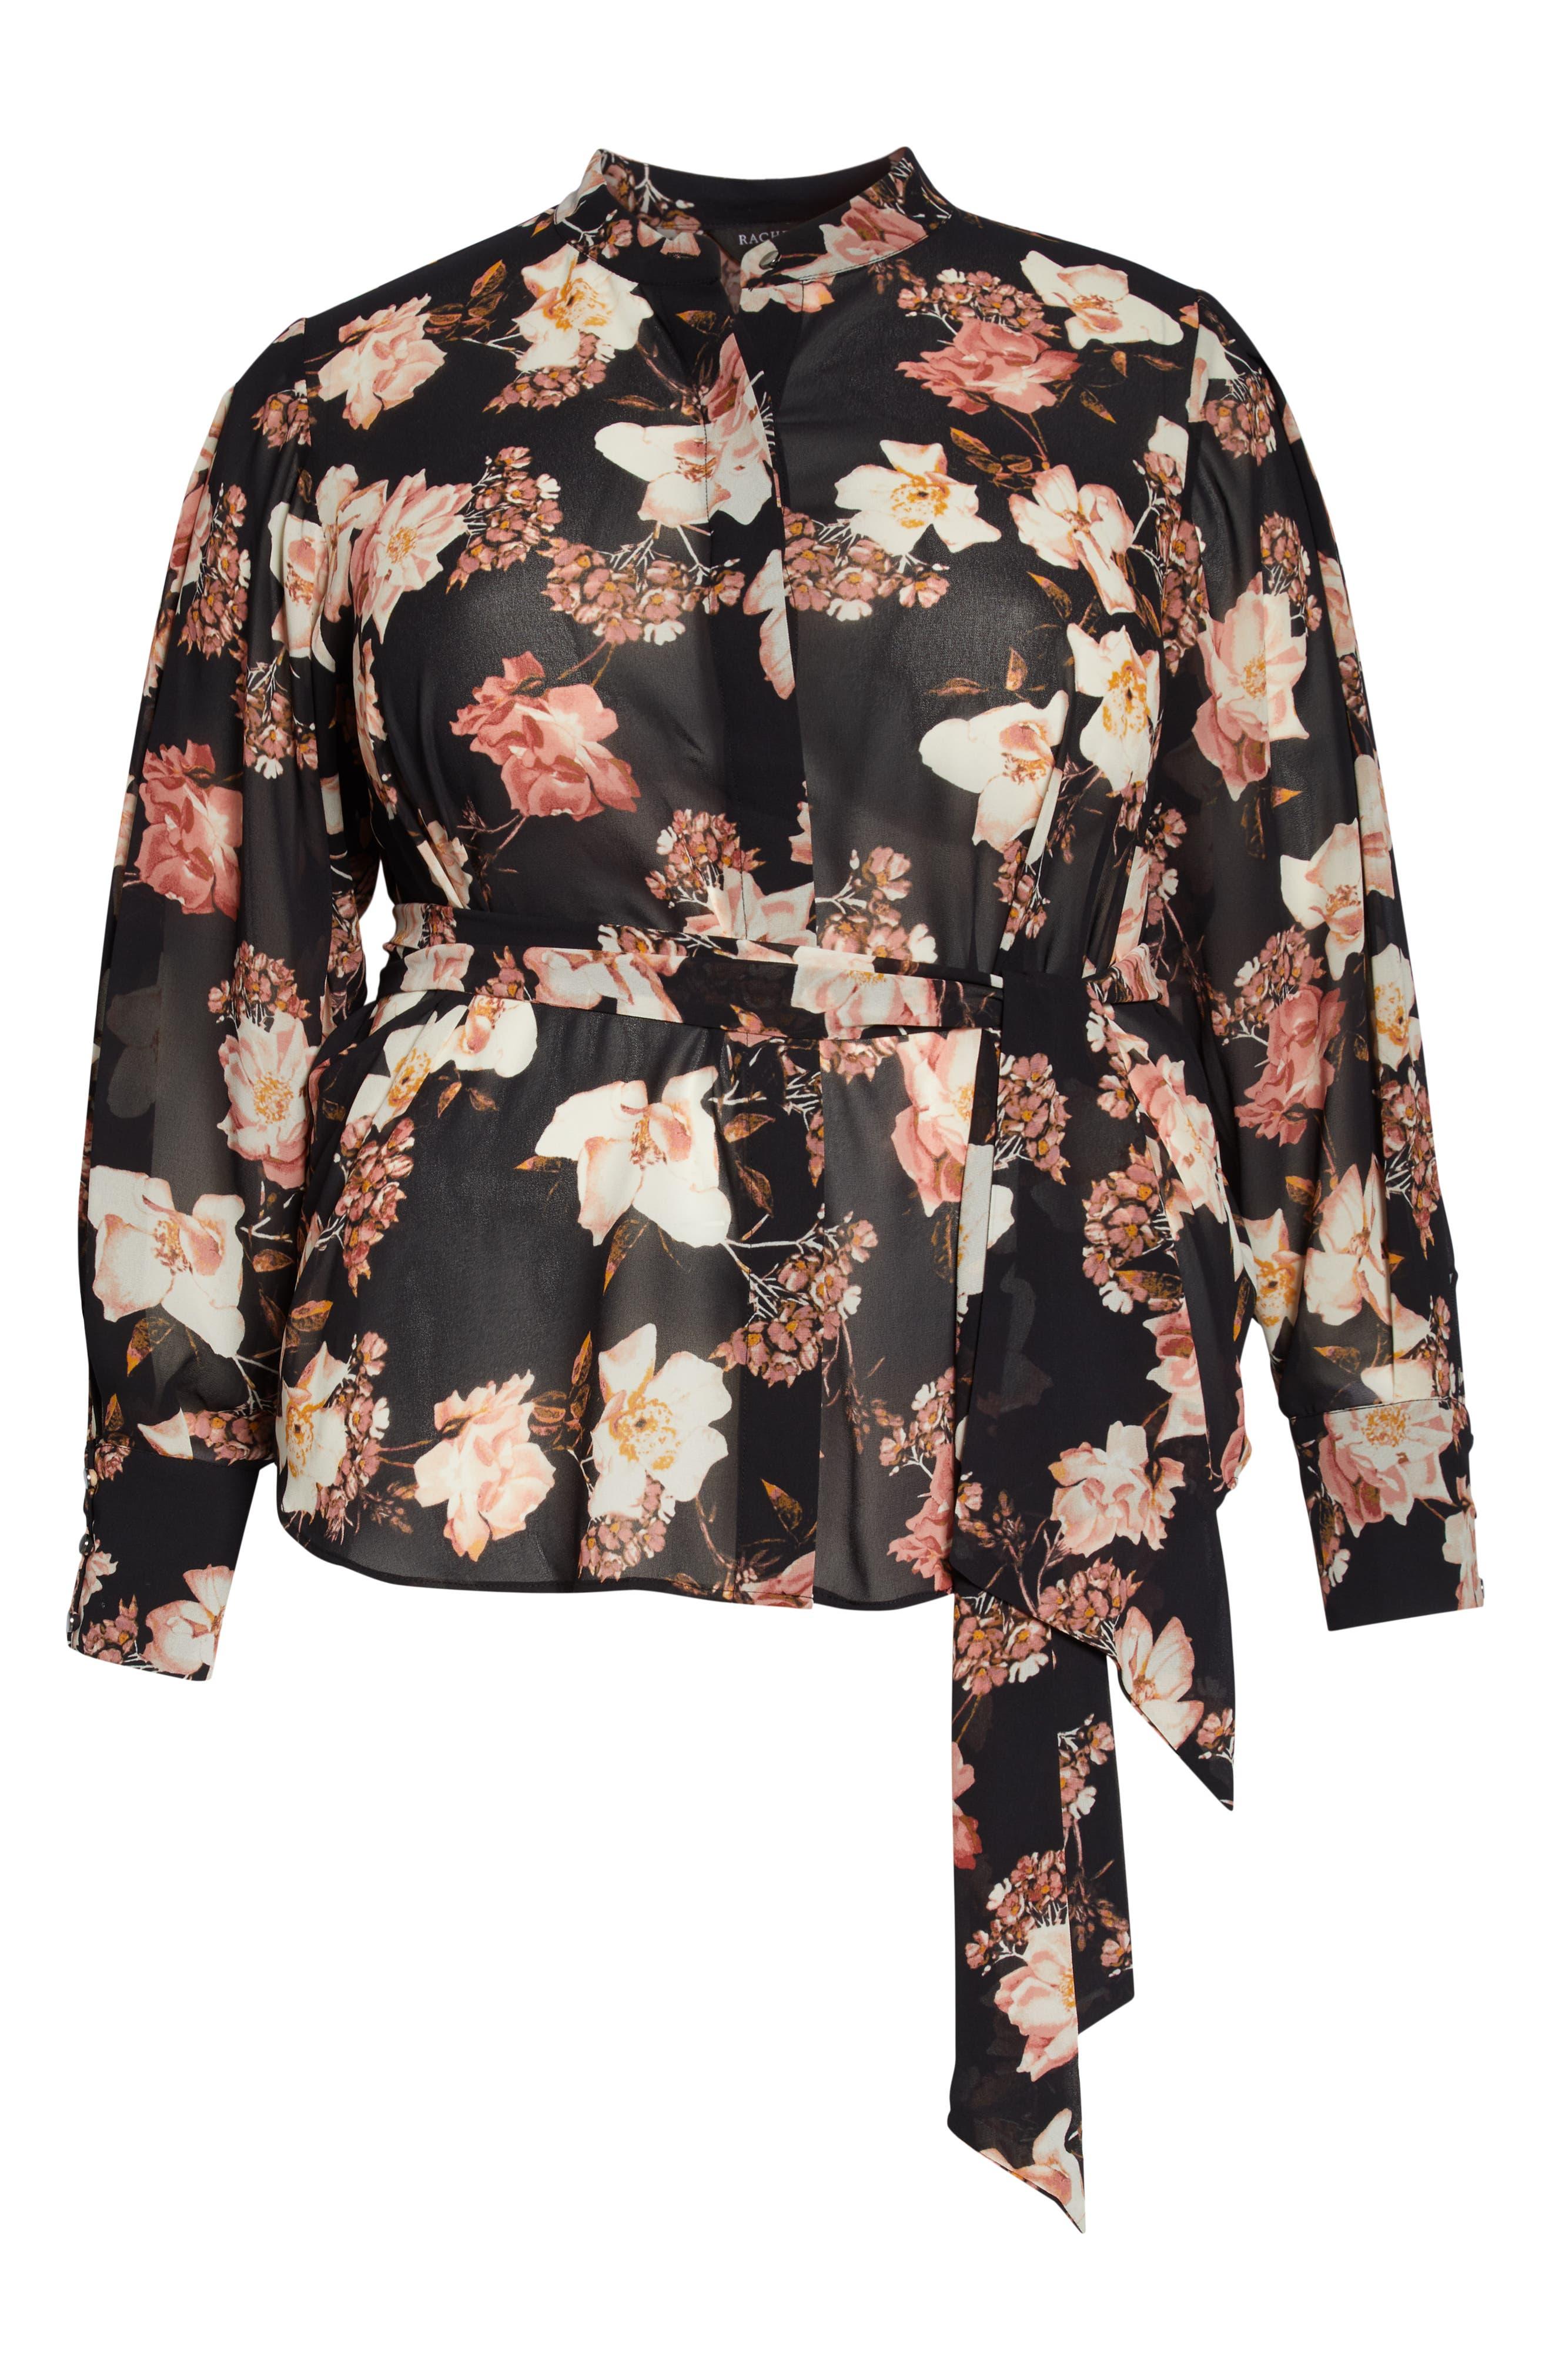 RACHEL ROY COLLECTION,                             Floral Tie Blouse,                             Alternate thumbnail 6, color,                             BLACK COMBO